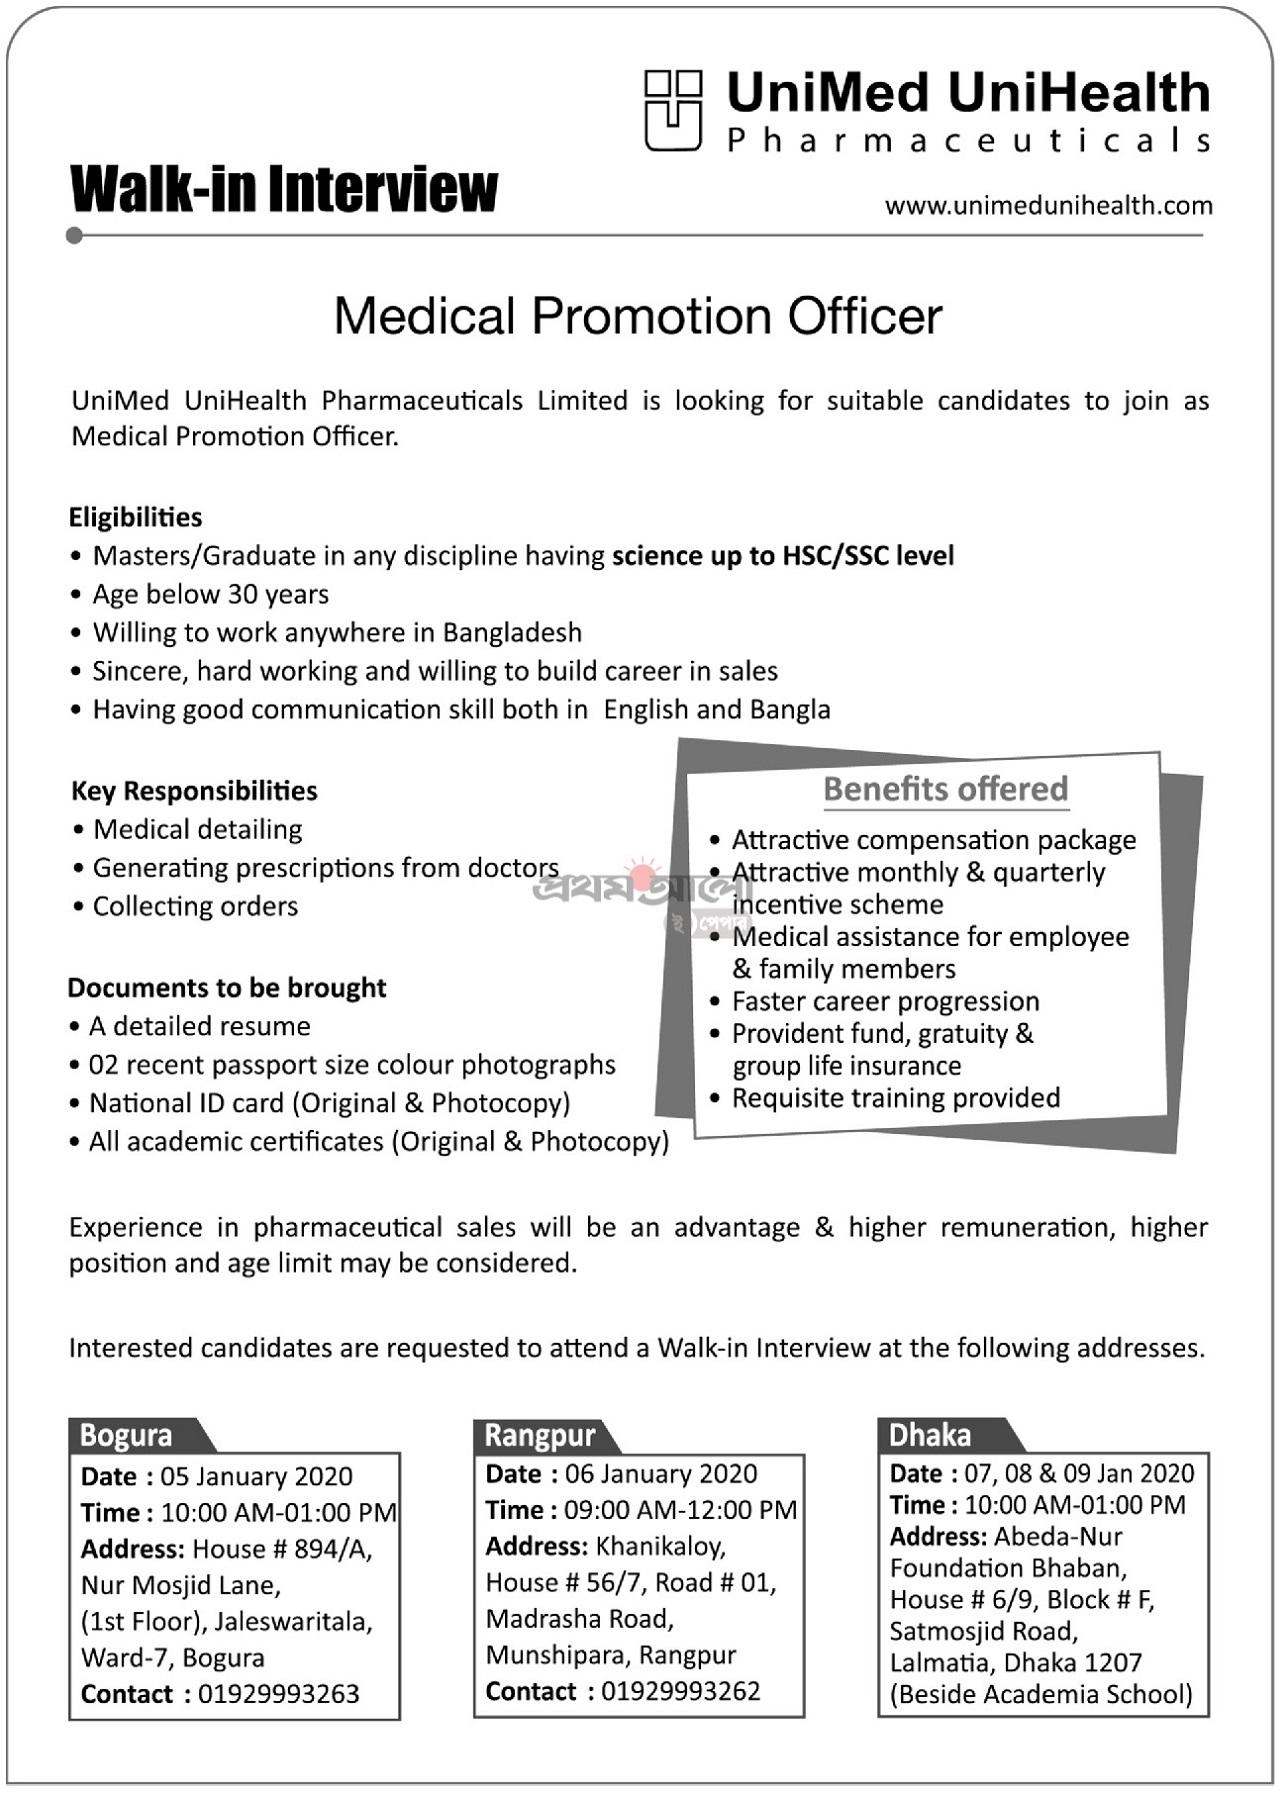 Unimed Unihealth Pharmaceuticals Job Circular 2020